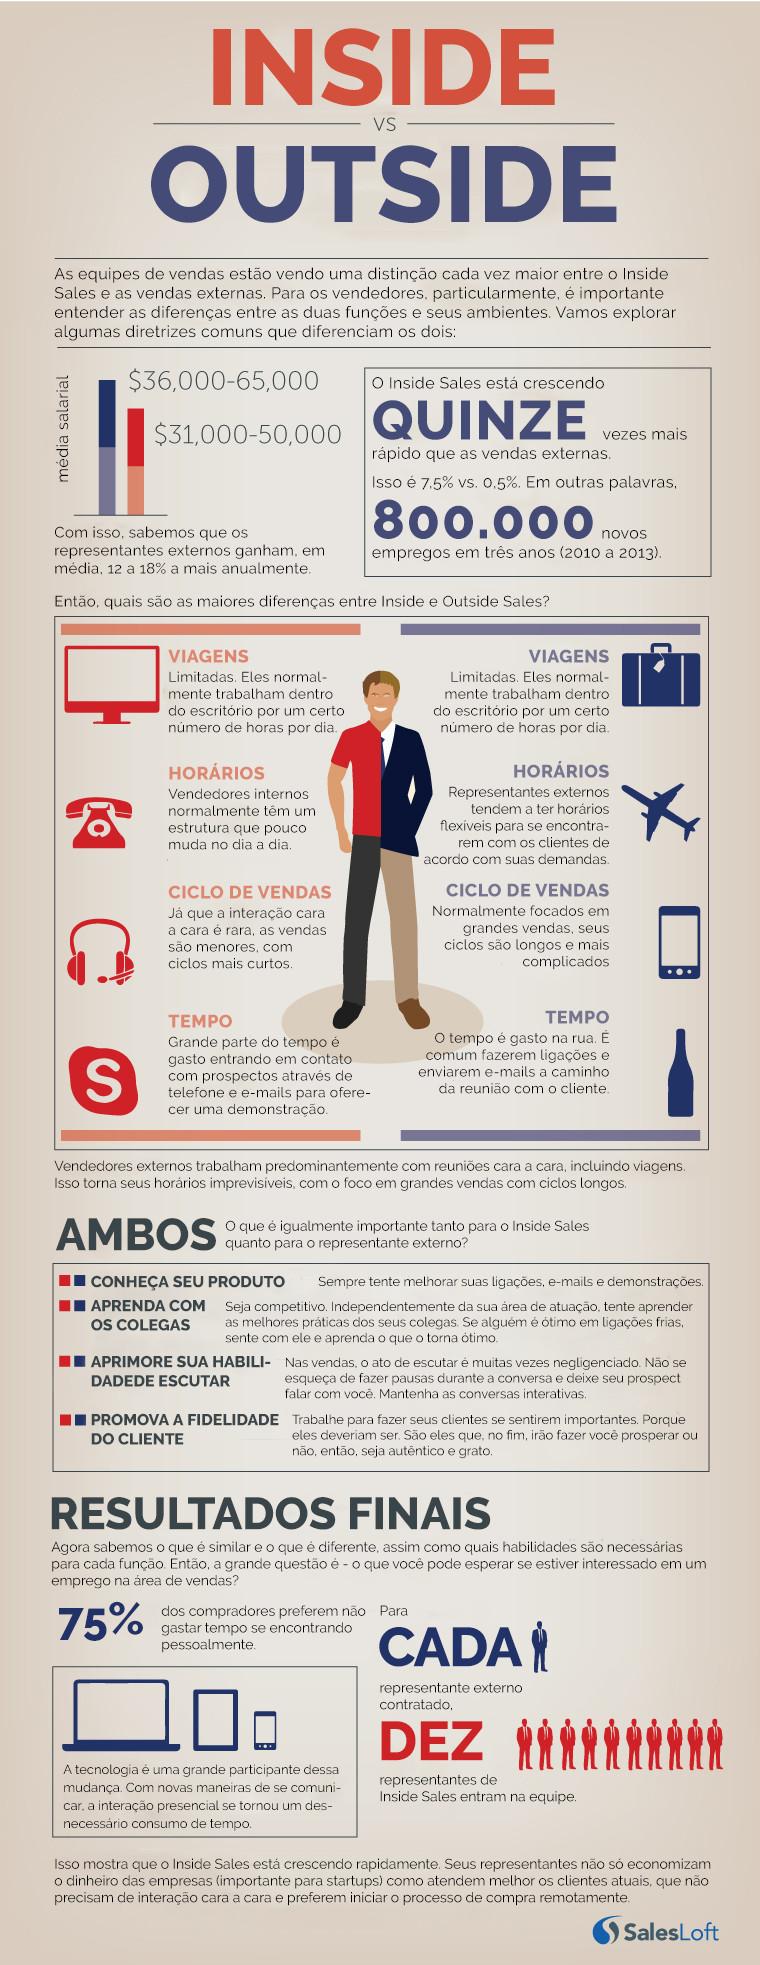 Infográfico: diferenças e semelhanças entre Inside e Outside Sales